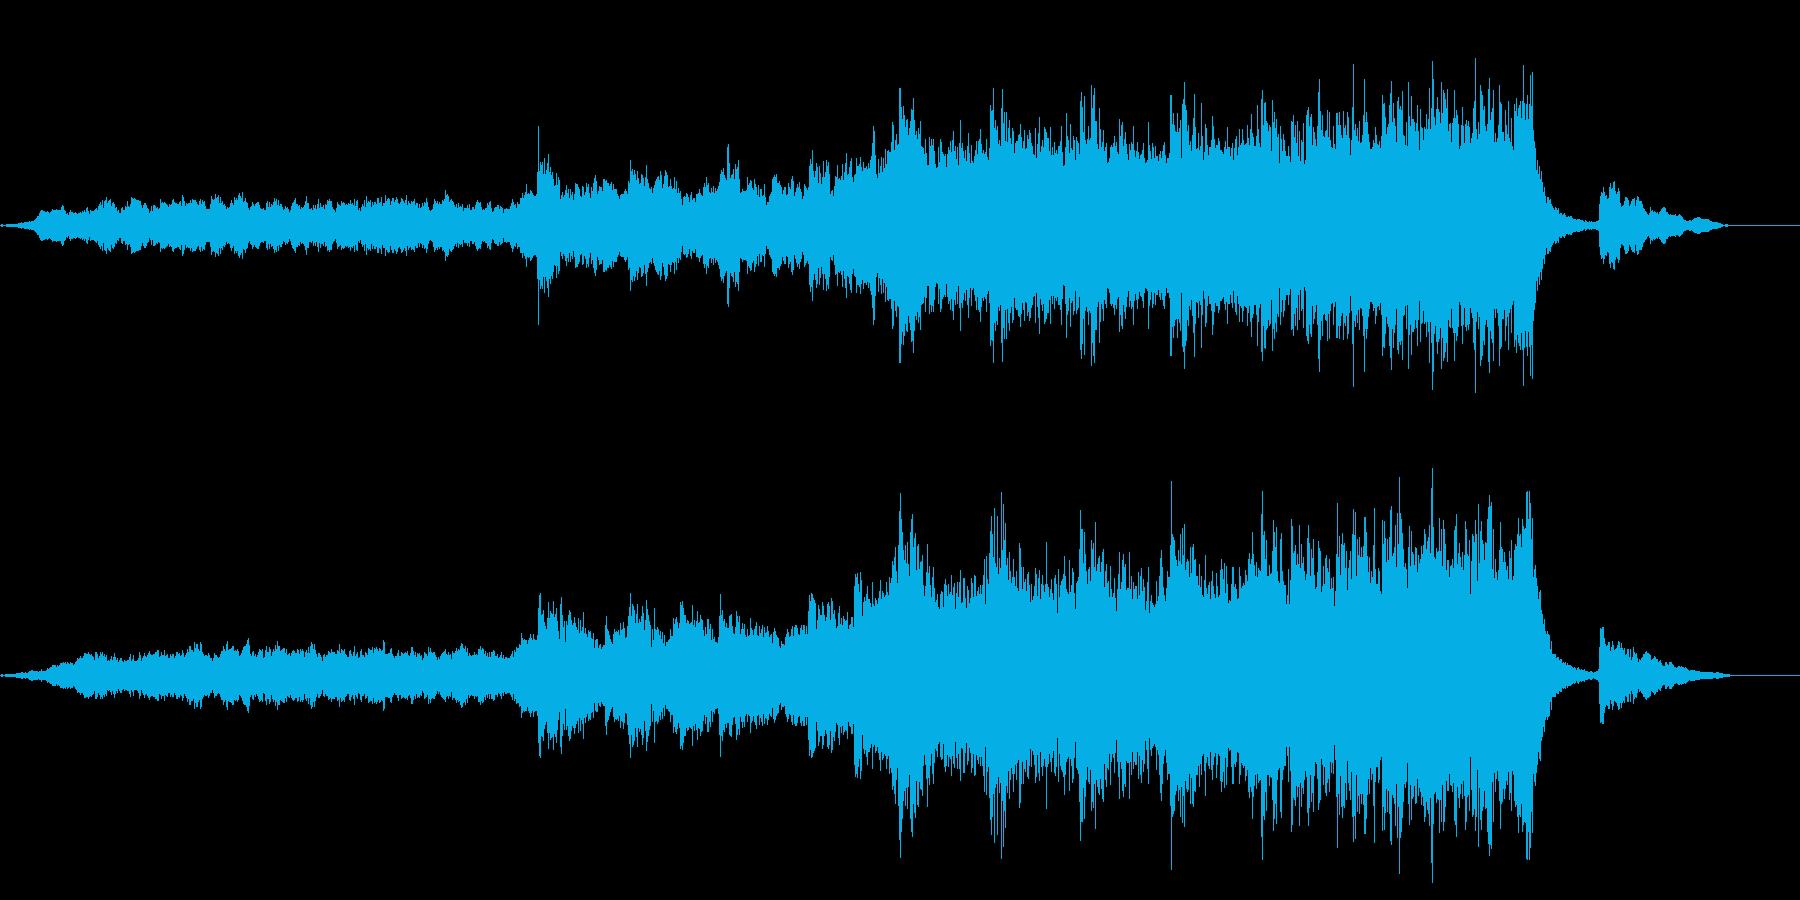 バンドアレンジの壮大な雰囲気のBGMの再生済みの波形